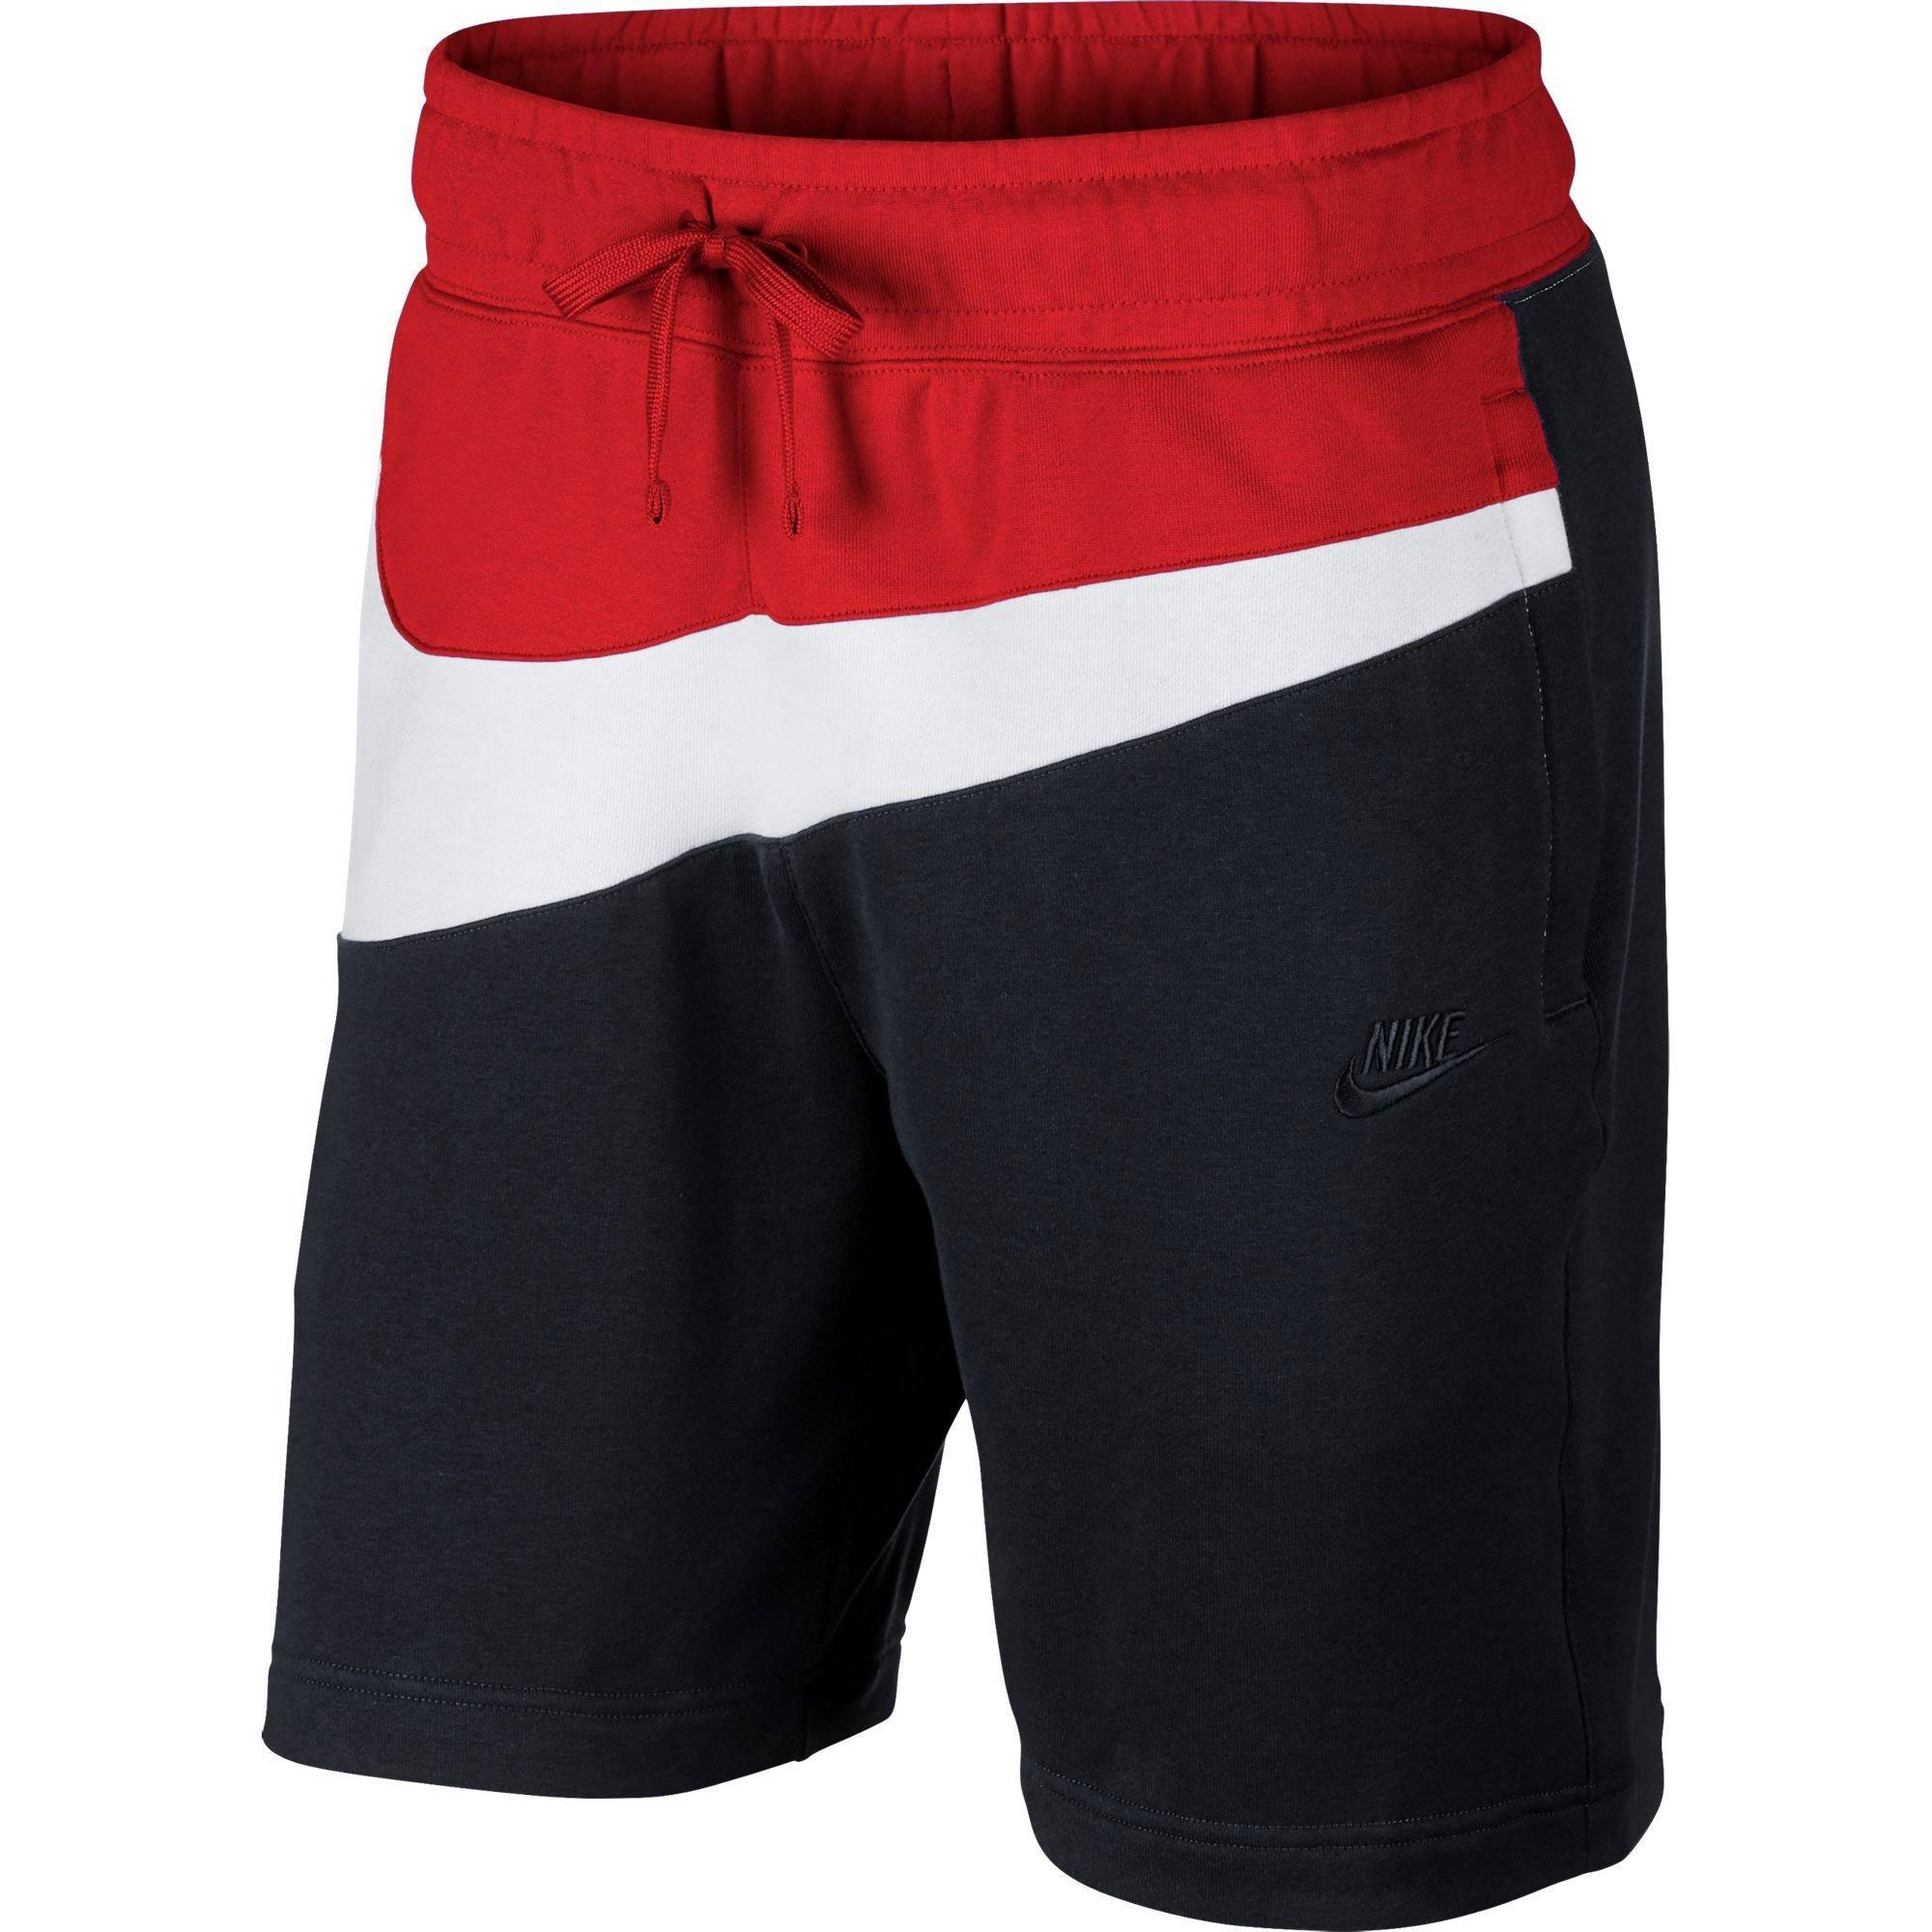 Rojo Nike Corto Pantalón Negro Hbr Grande Hombre Swoosh Para 5TaWxwR0q